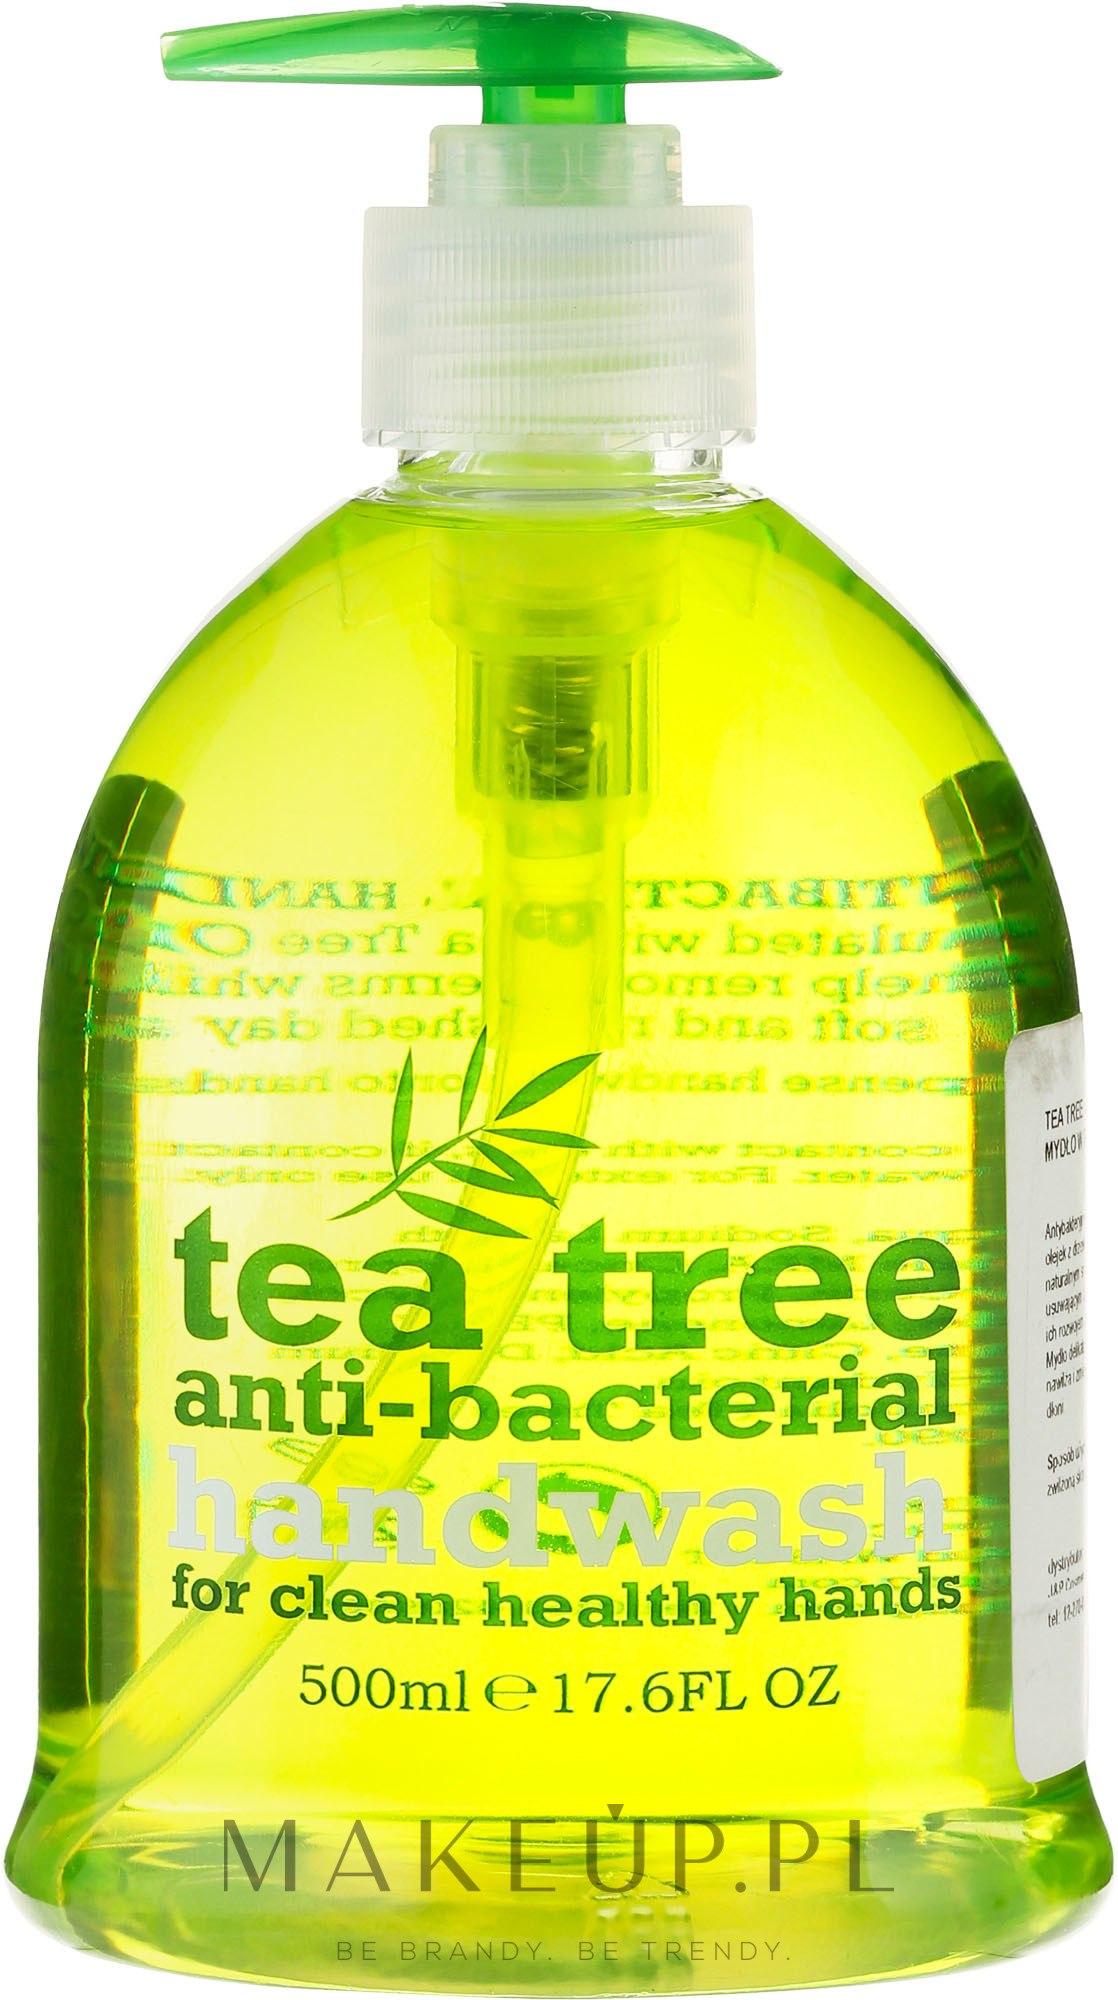 Antybakteryjne mydło w płynie do rąk Drzewo herbaciane - Xpel Marketing Ltd Tea Tree Anti-Bacterial Handwash — фото 500 ml